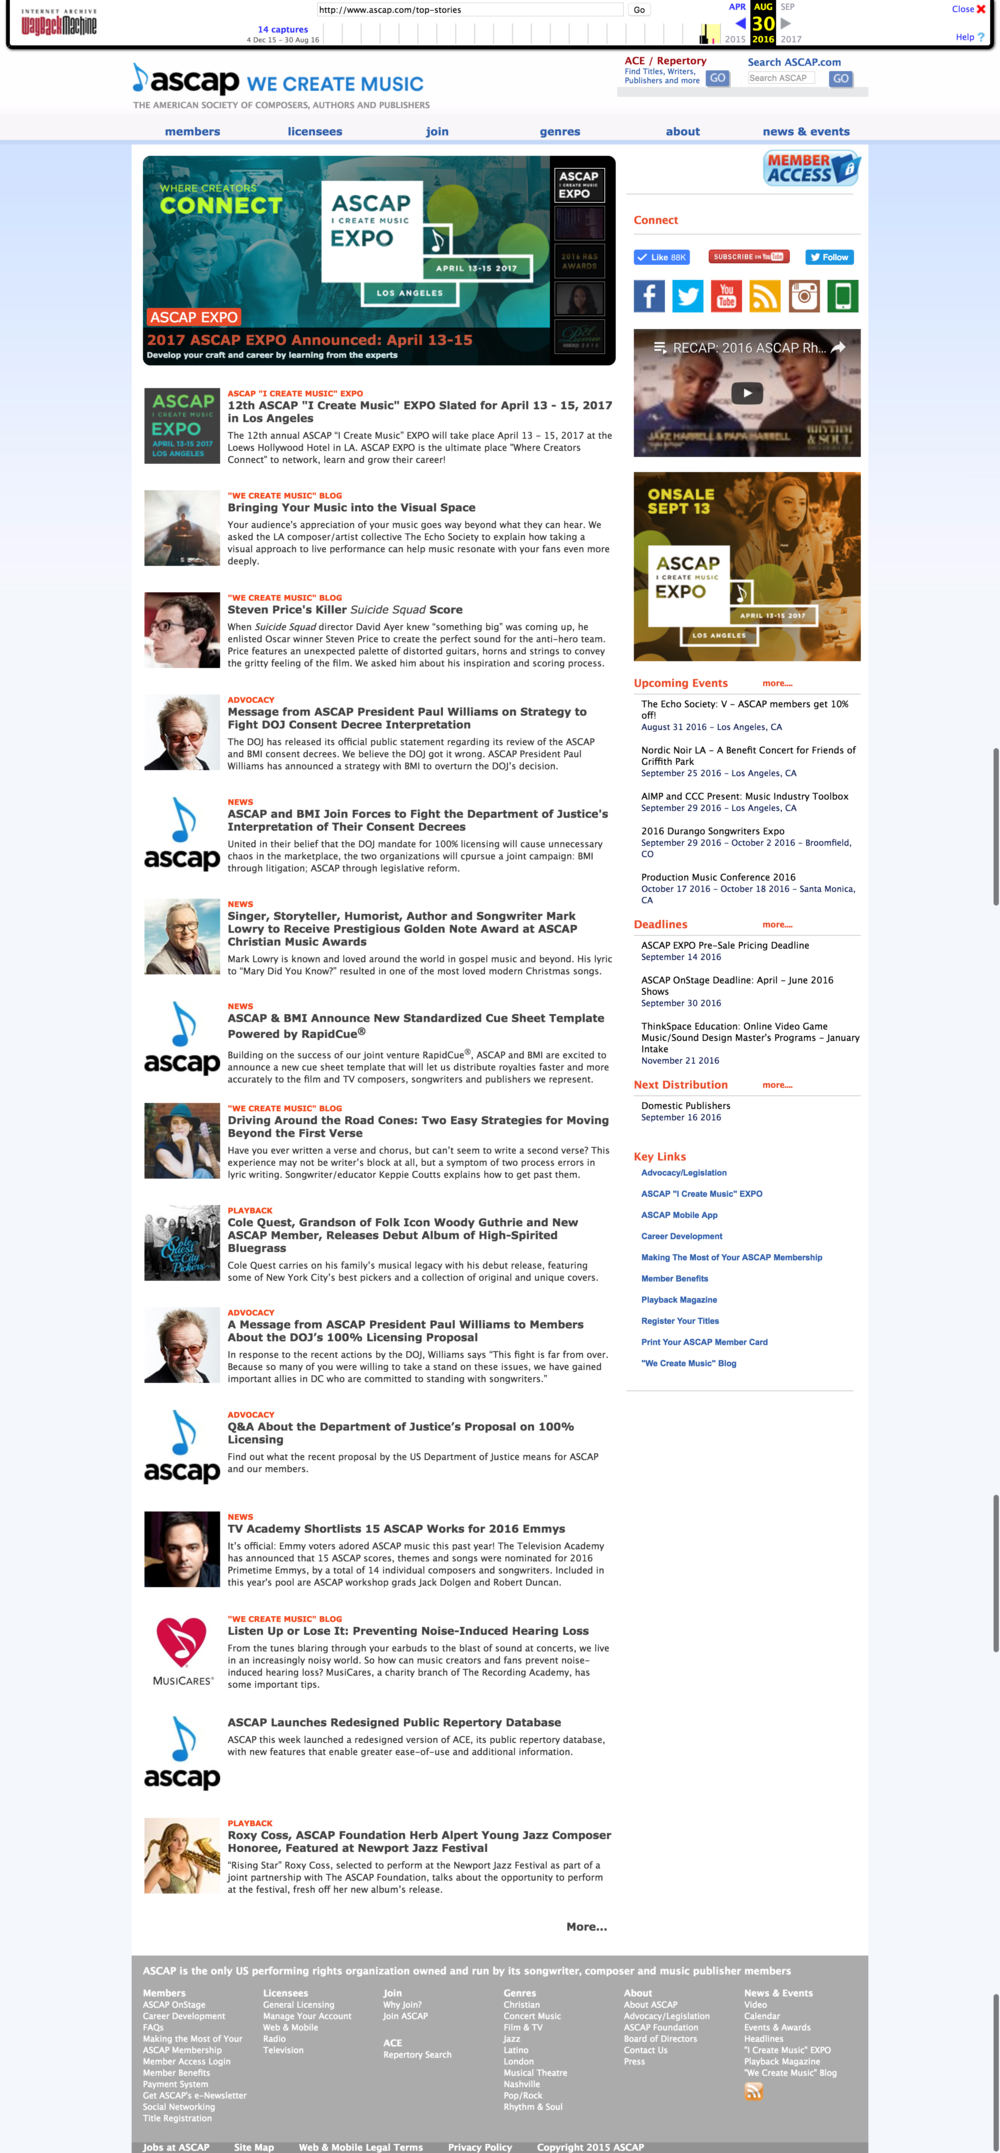 Screenshot of ASCAP.com prior to Nov 2016